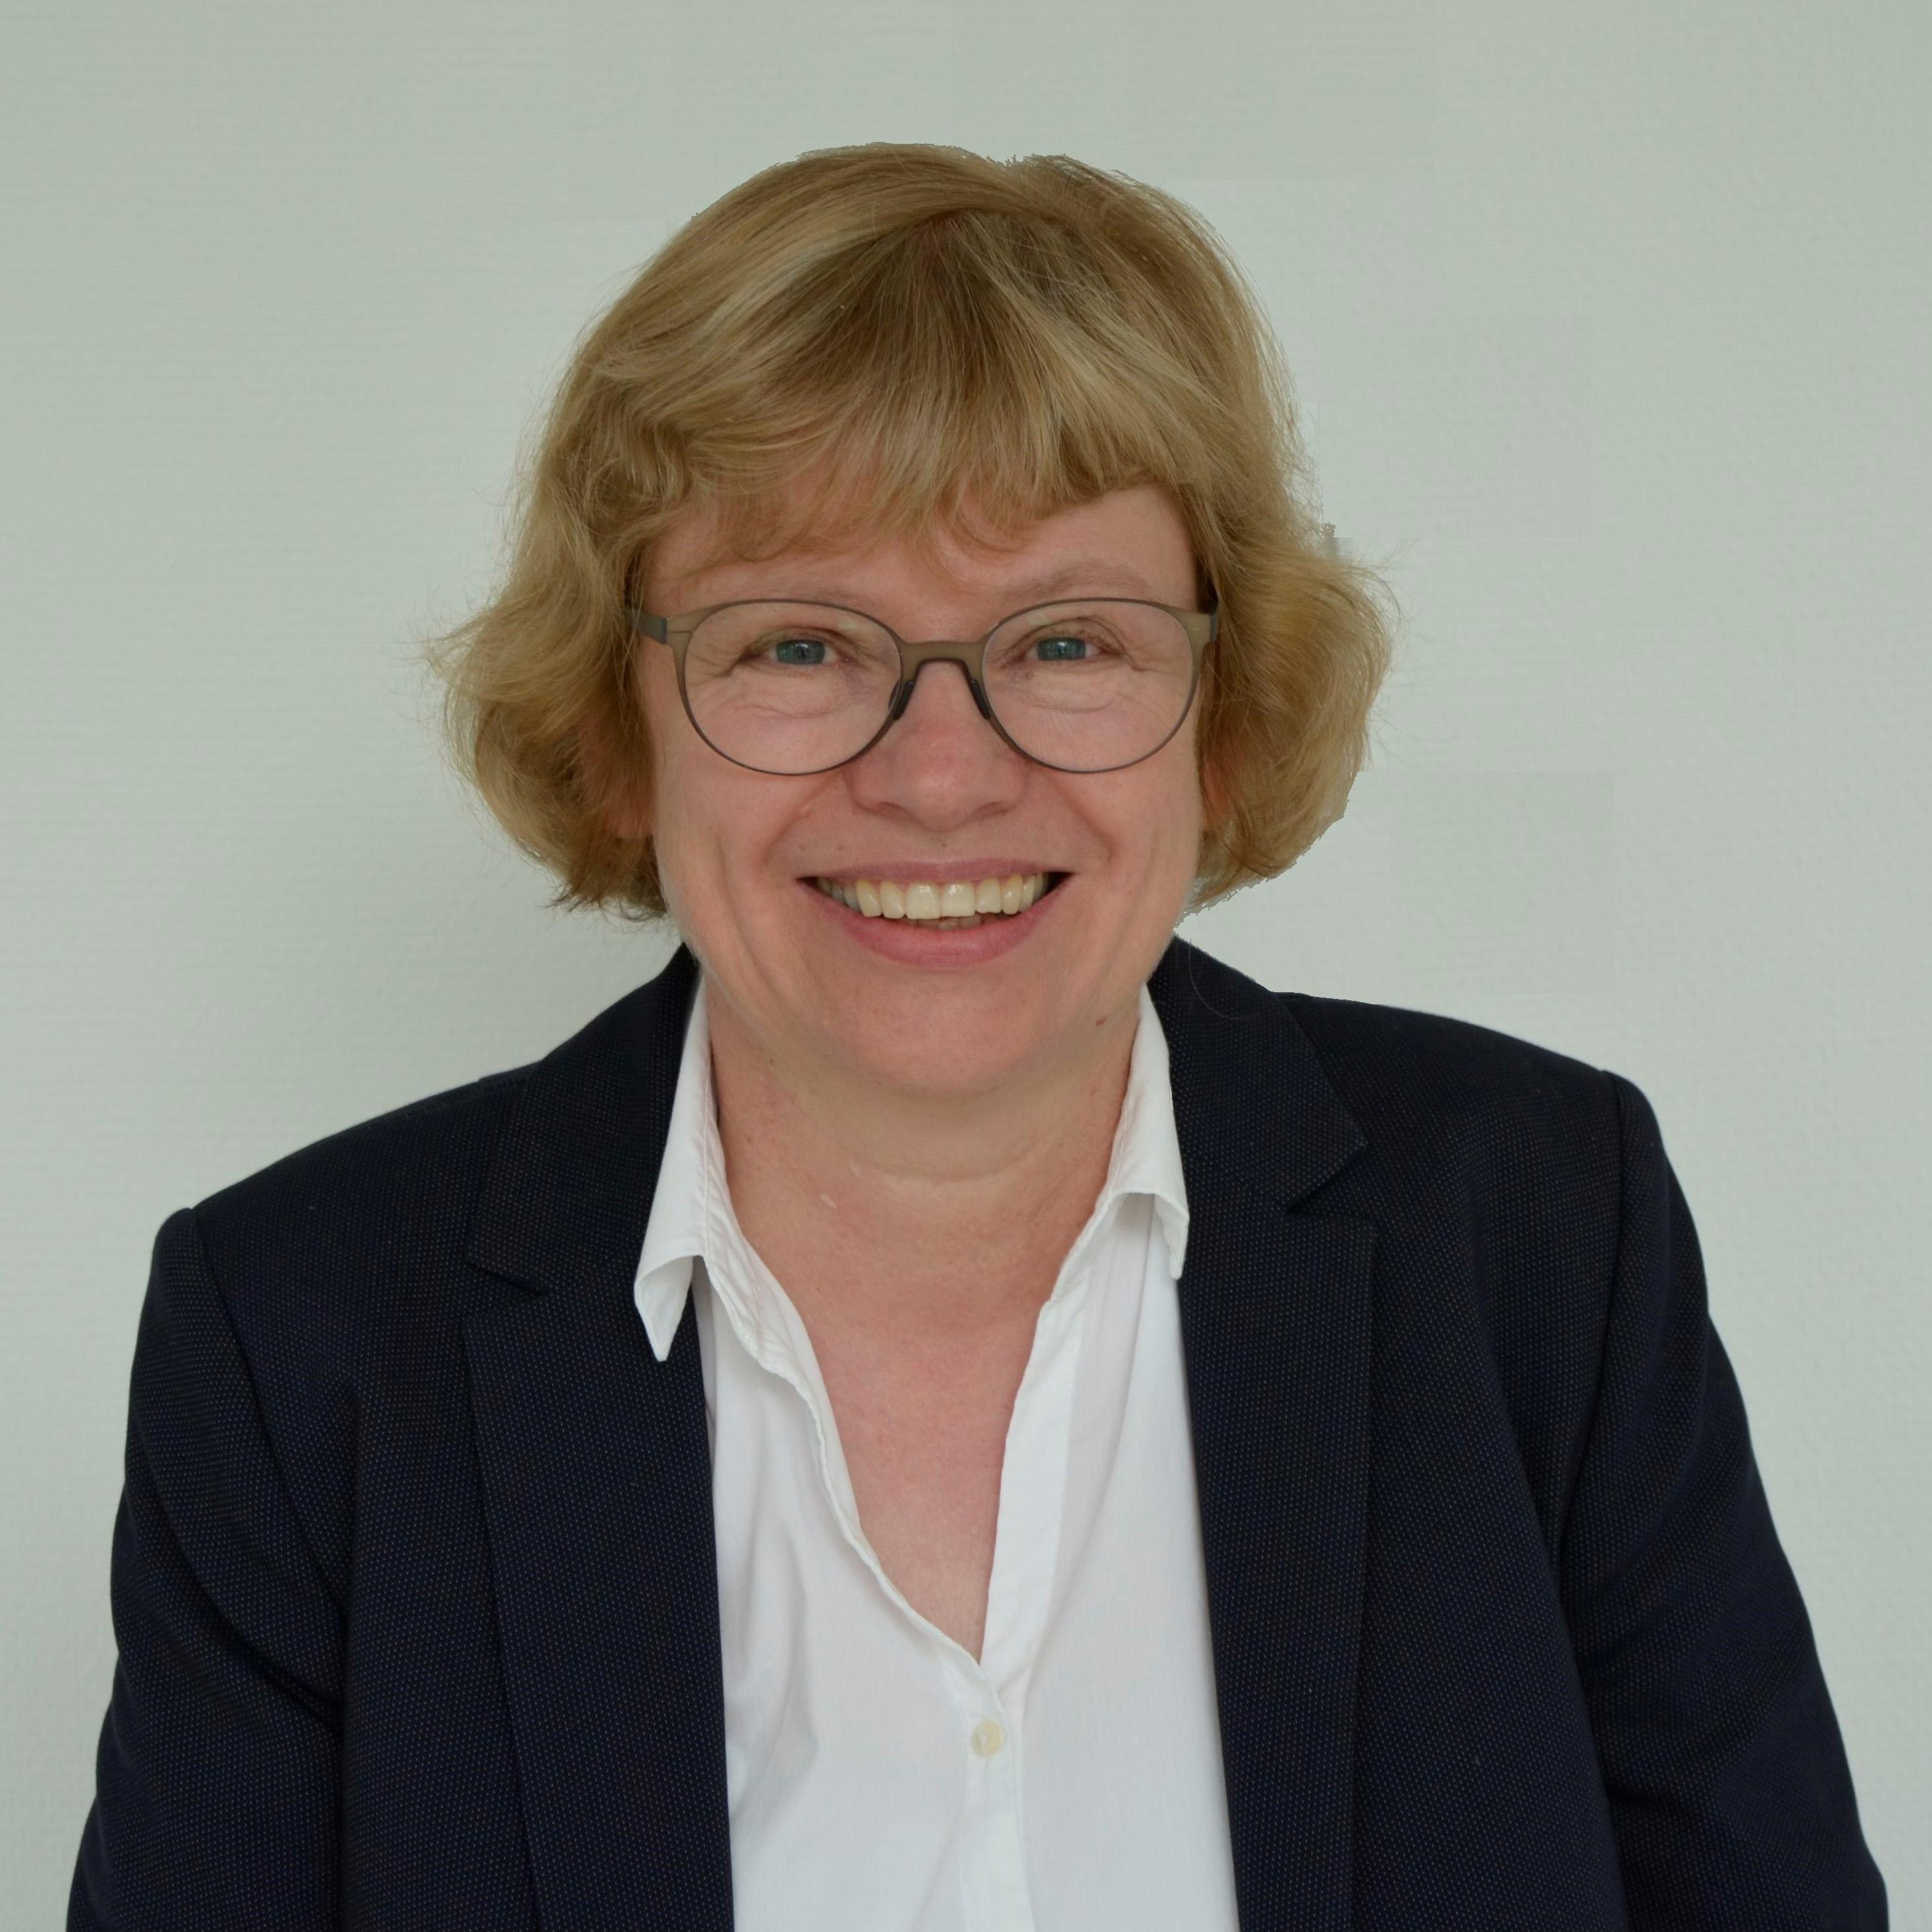 Dr. Susanne Engelbach